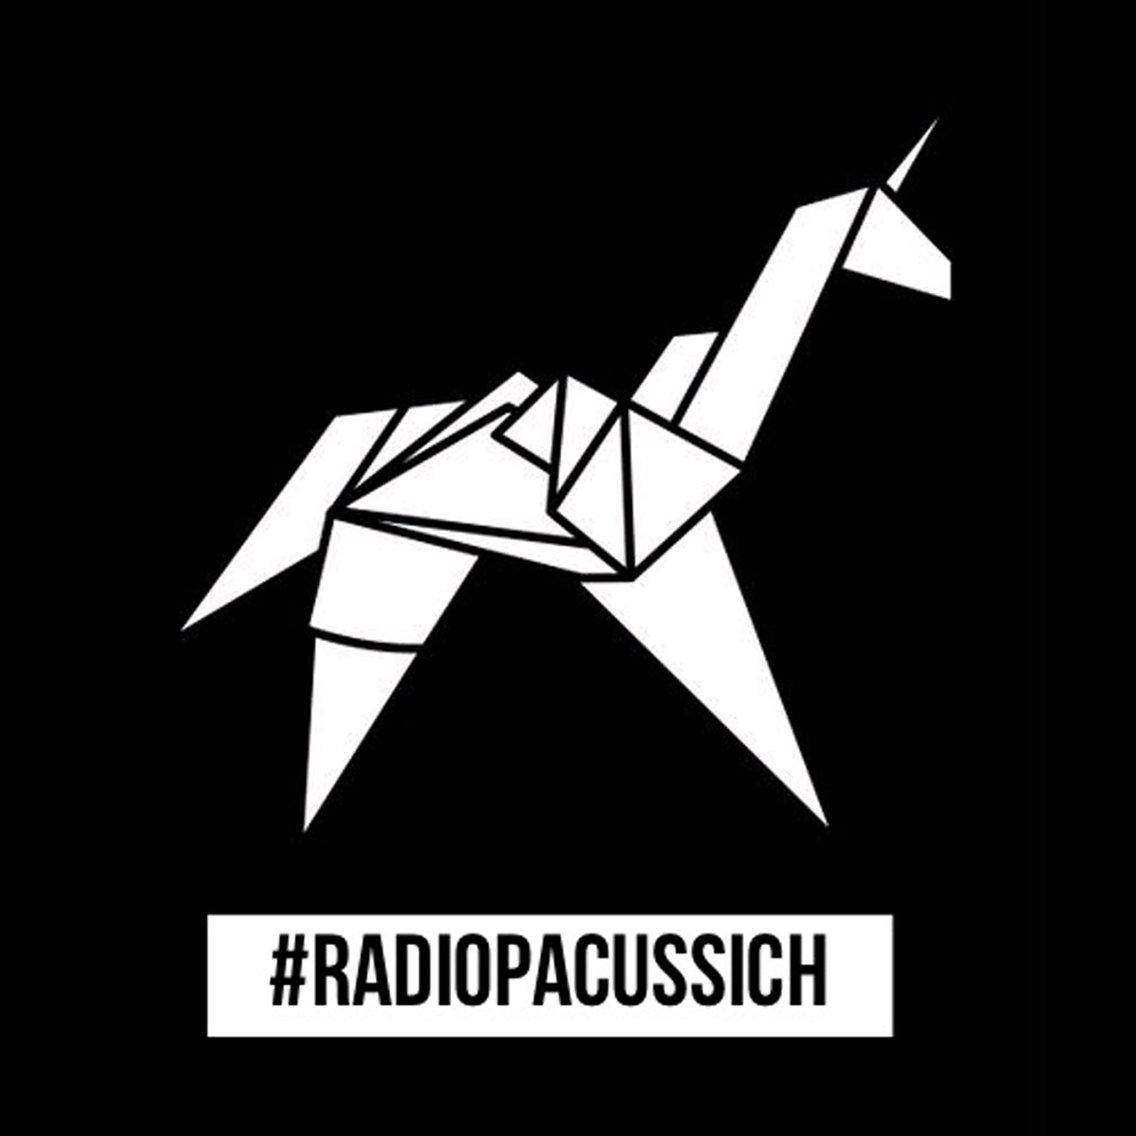 #RadioPacussich los archivos - Cover Image